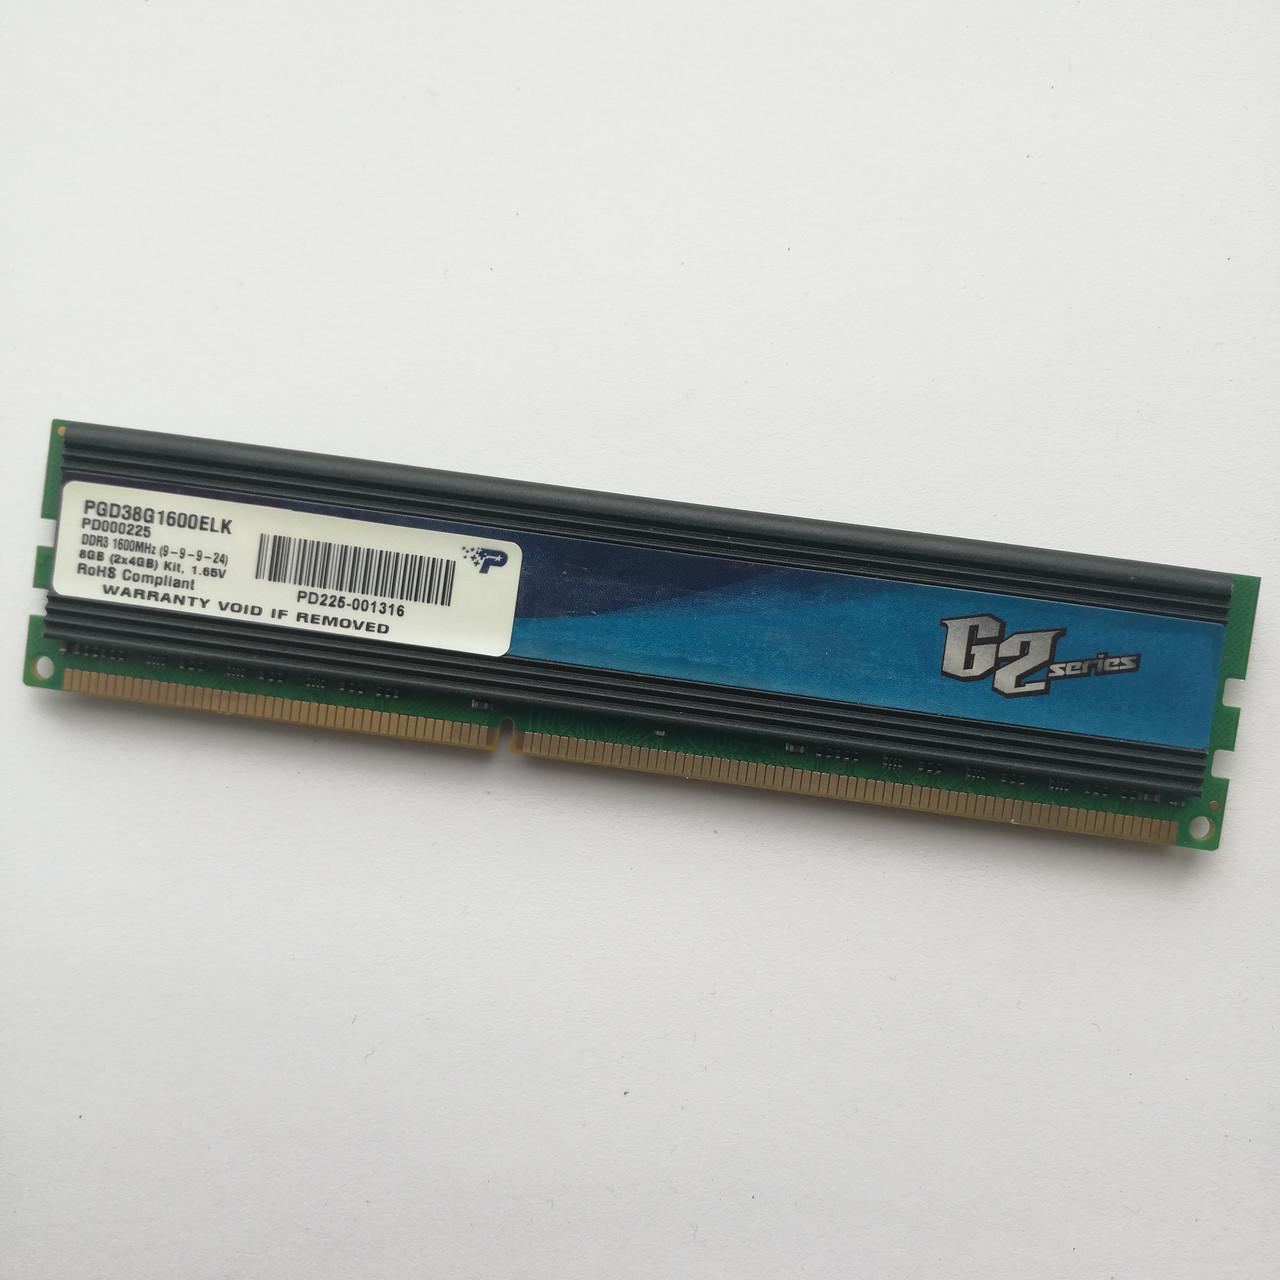 Игровая оперативная память Patriot DDR3 4Gb 1600MHz PC3 12800U CL9 (PGD38G1600ELK) 1,65V Б/У